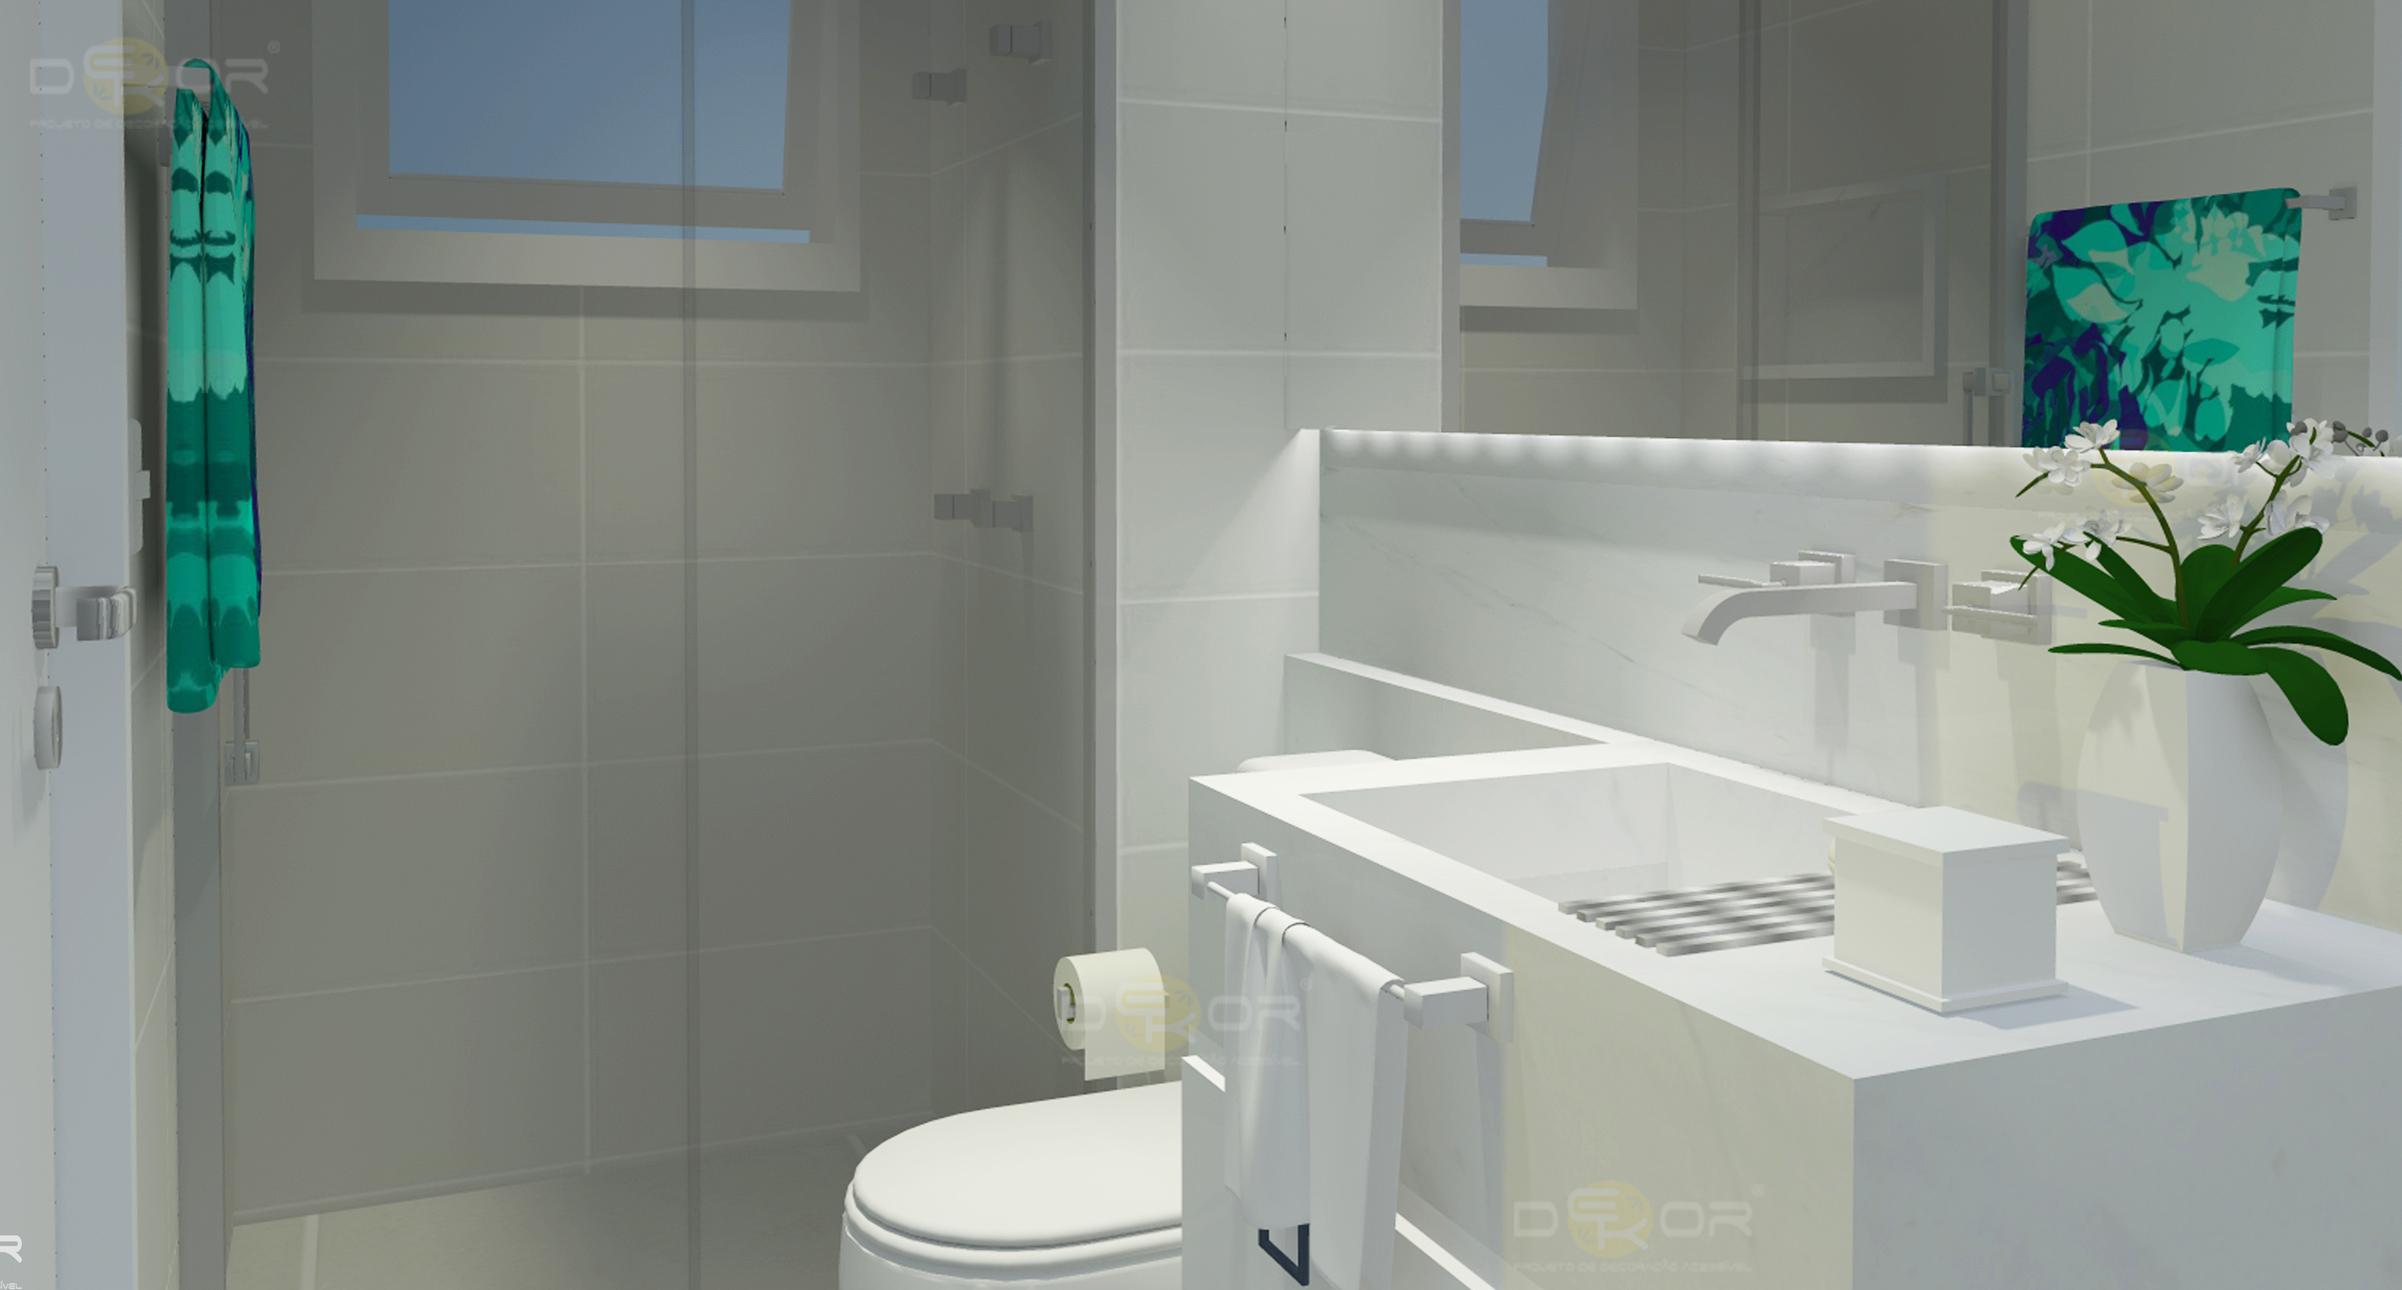 Projeto de Banheiro – Decoração Online #16 Erika Karpuk #238571 2402 1290